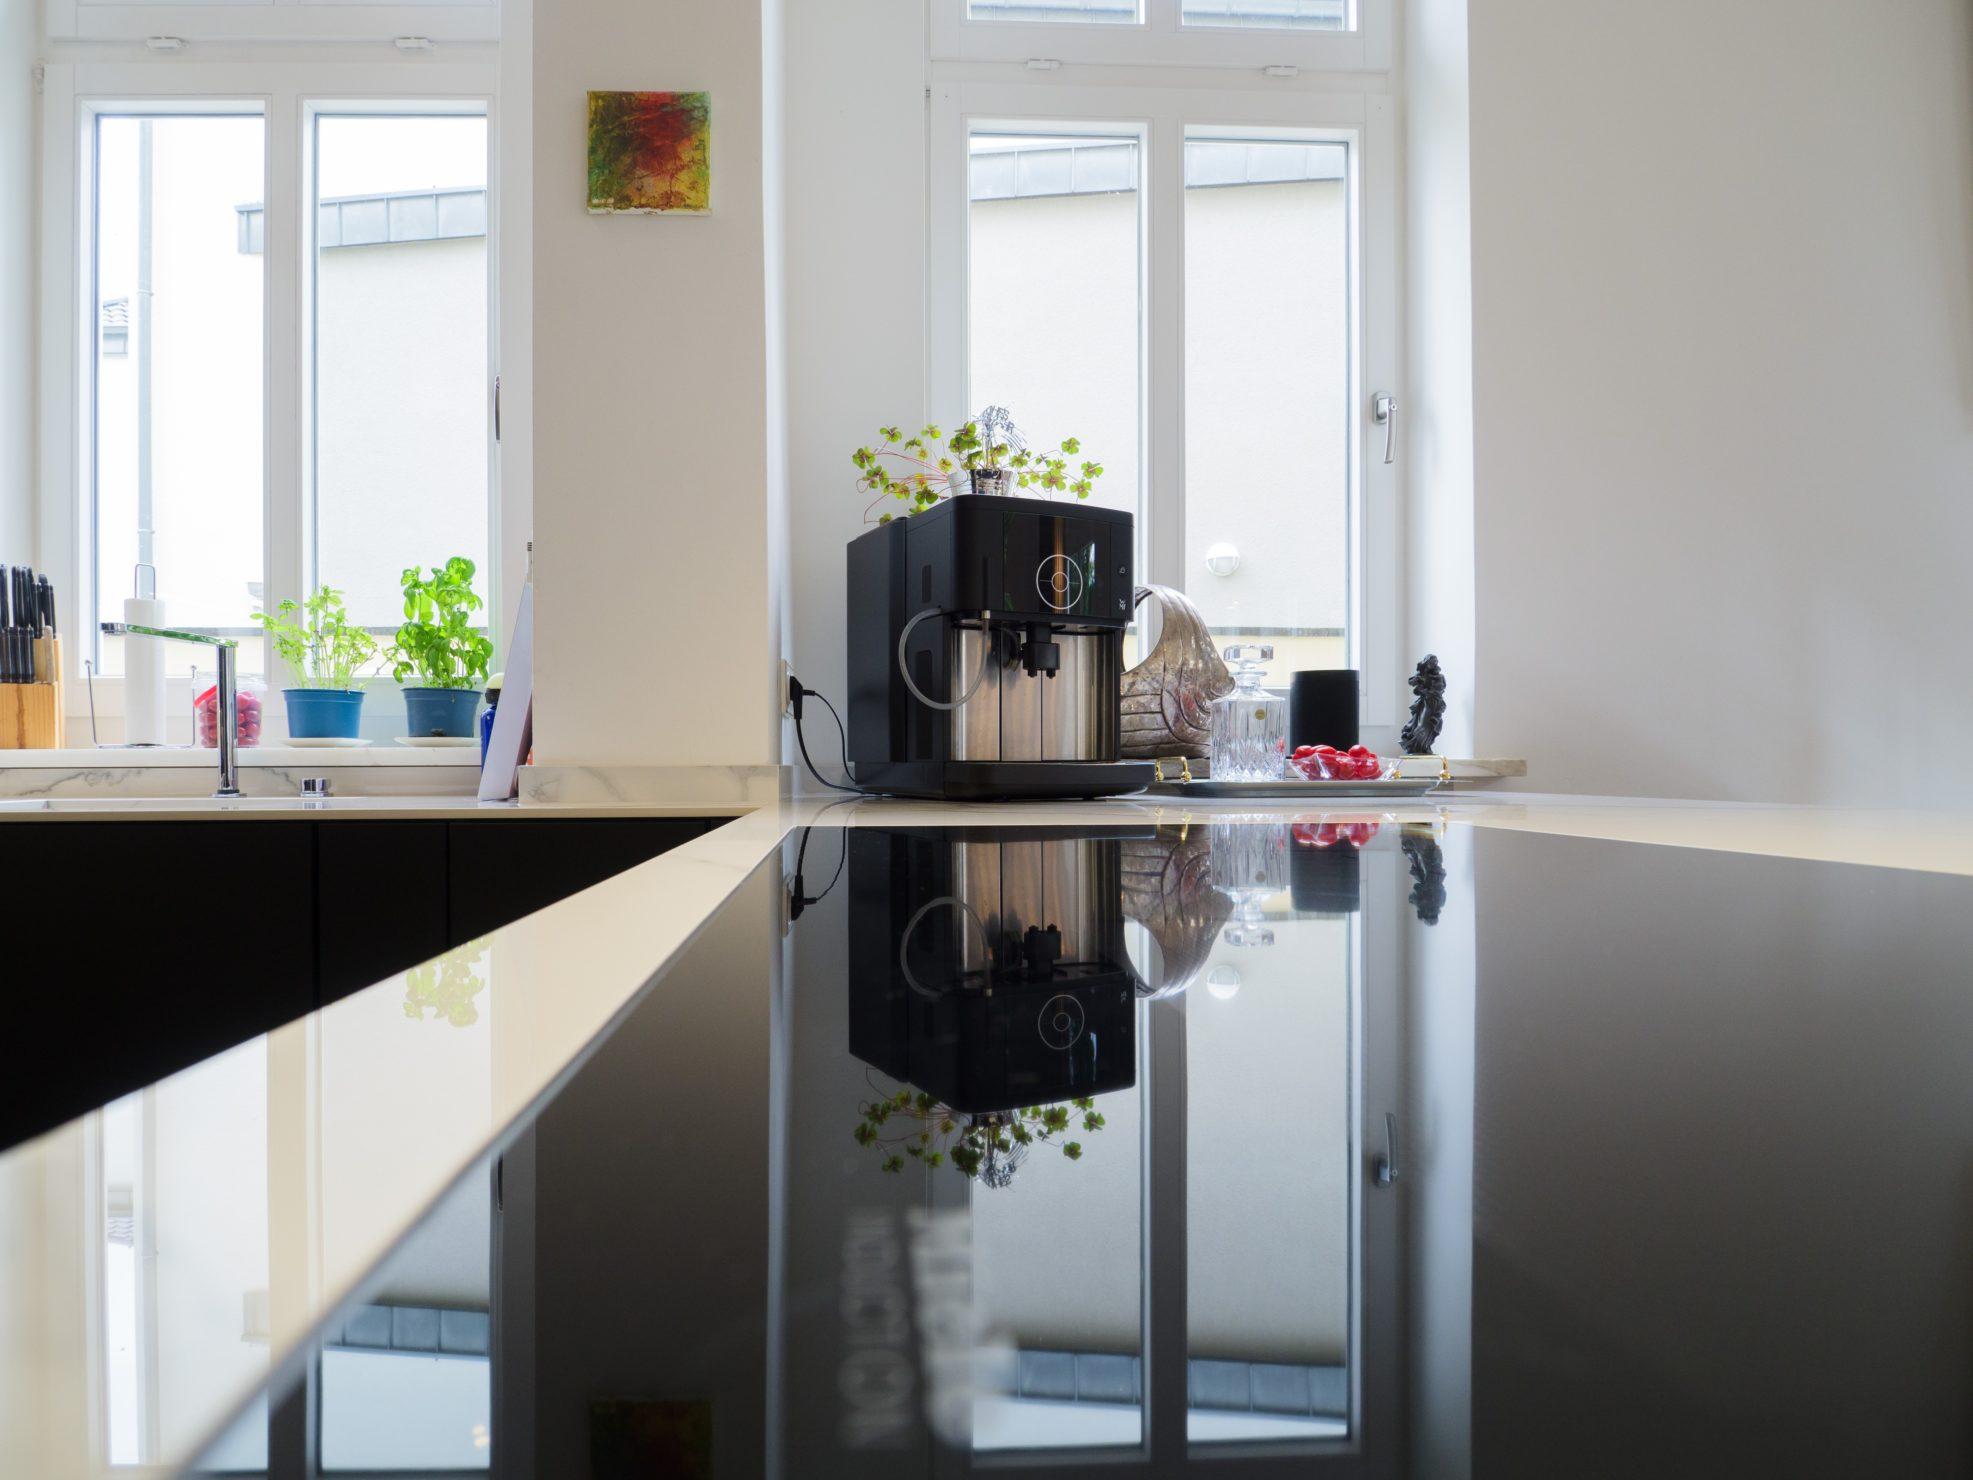 Haecker Kueche Grifflos Schwarz Matt Keramik Arbeitsplatte Marmor Optik Verspiegelter Einbauschrank Eigener Fertigung Siemens Miele Geraeten 10